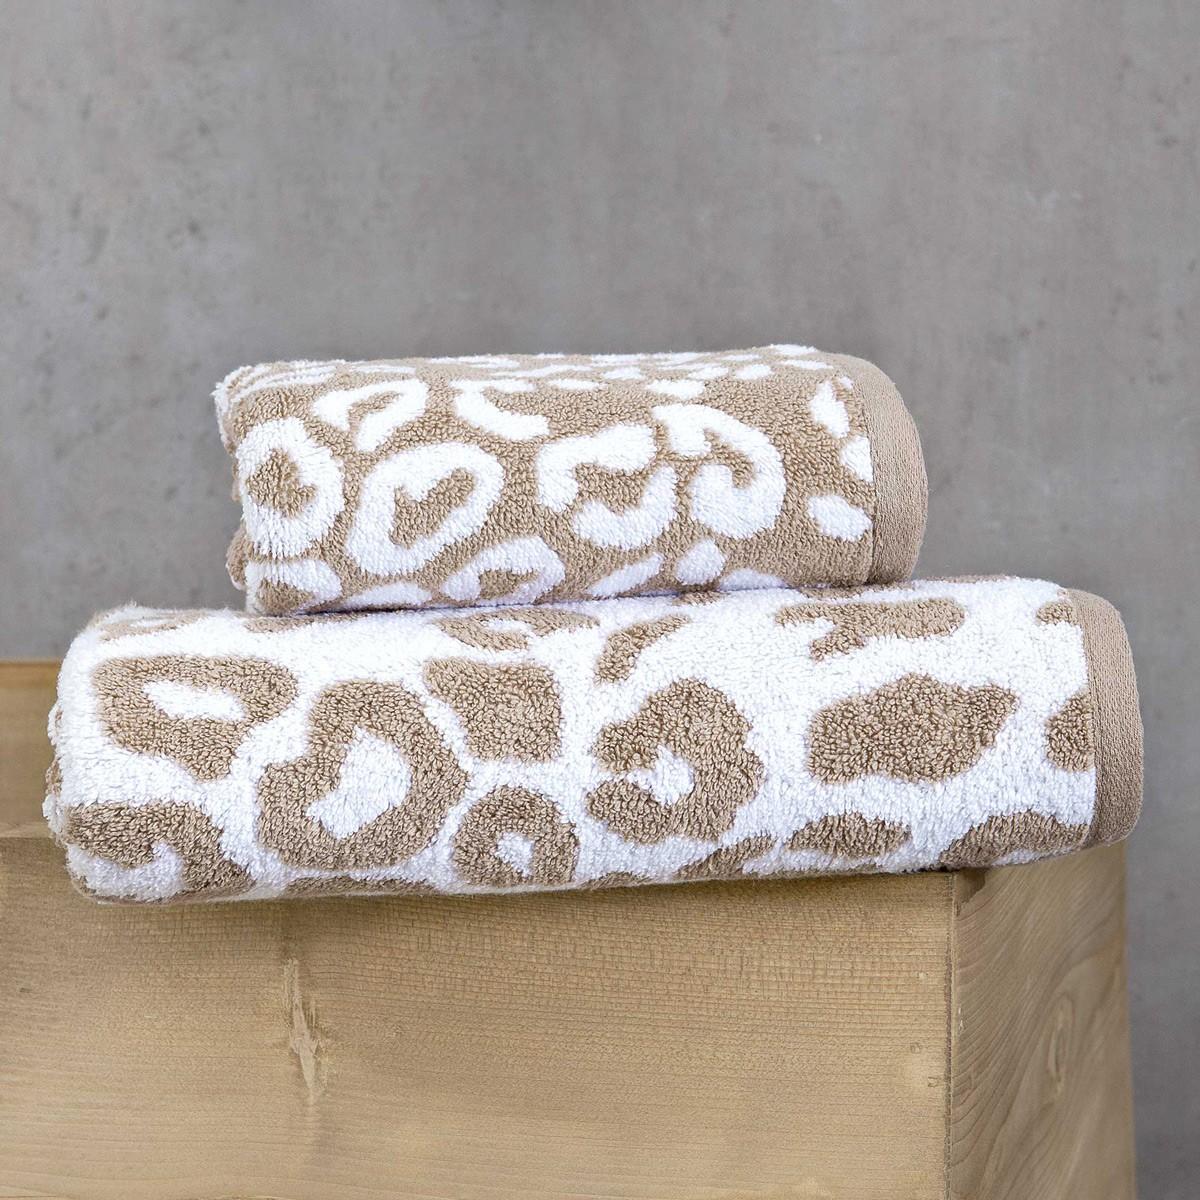 Πετσέτες Προσώπου (Σετ 2τμχ) Nima Elements Kotiya 01 Beige